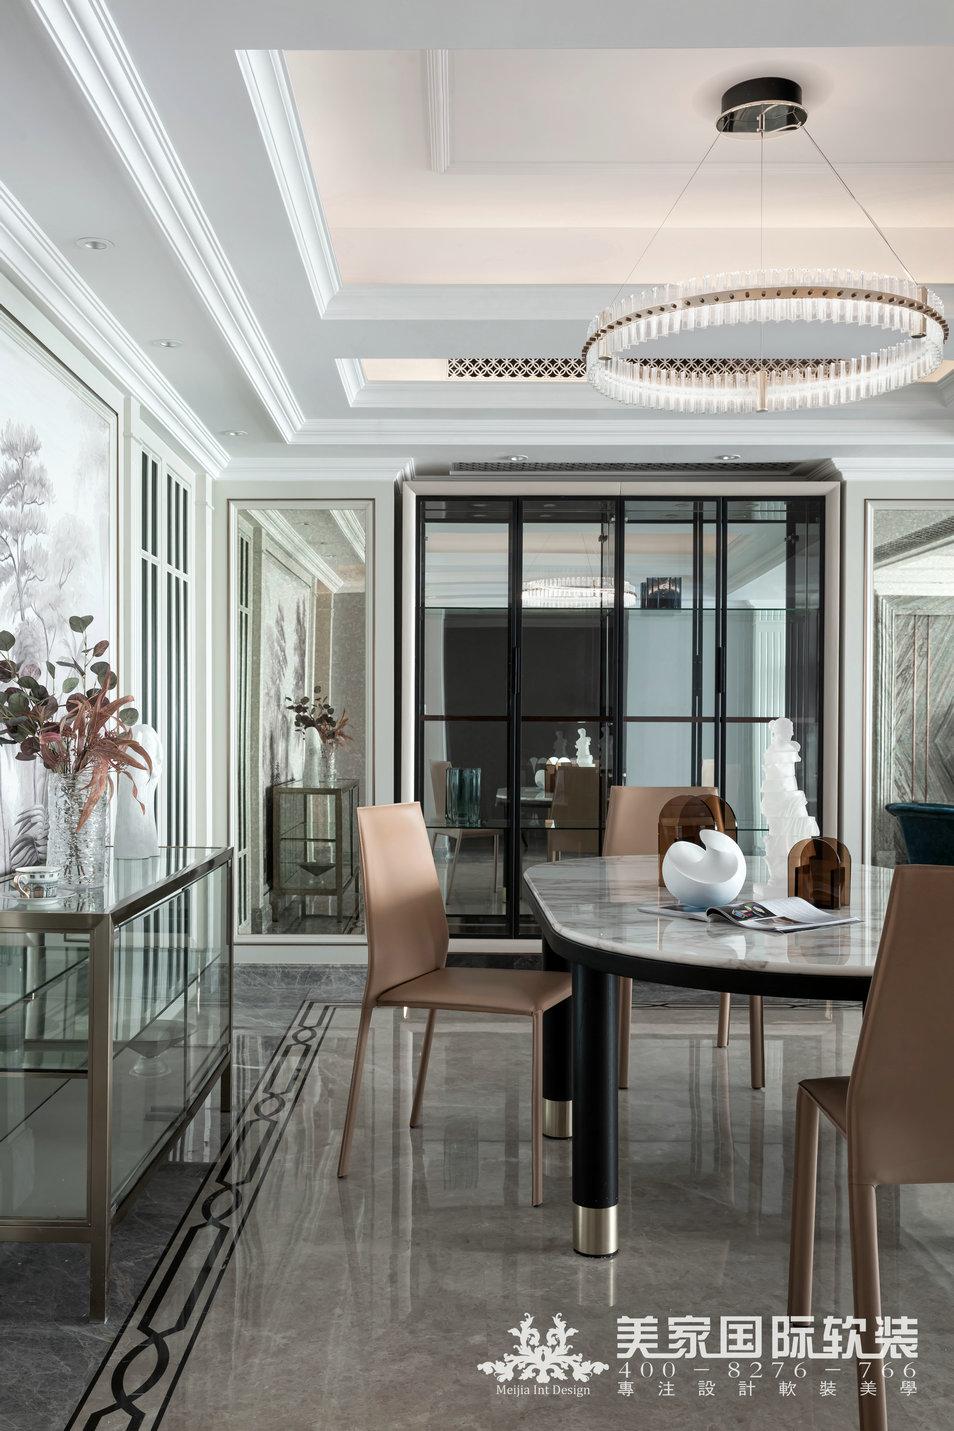 嘉潤公館軟裝設計實景案例——292㎡現代法式餐廳設計實景圖